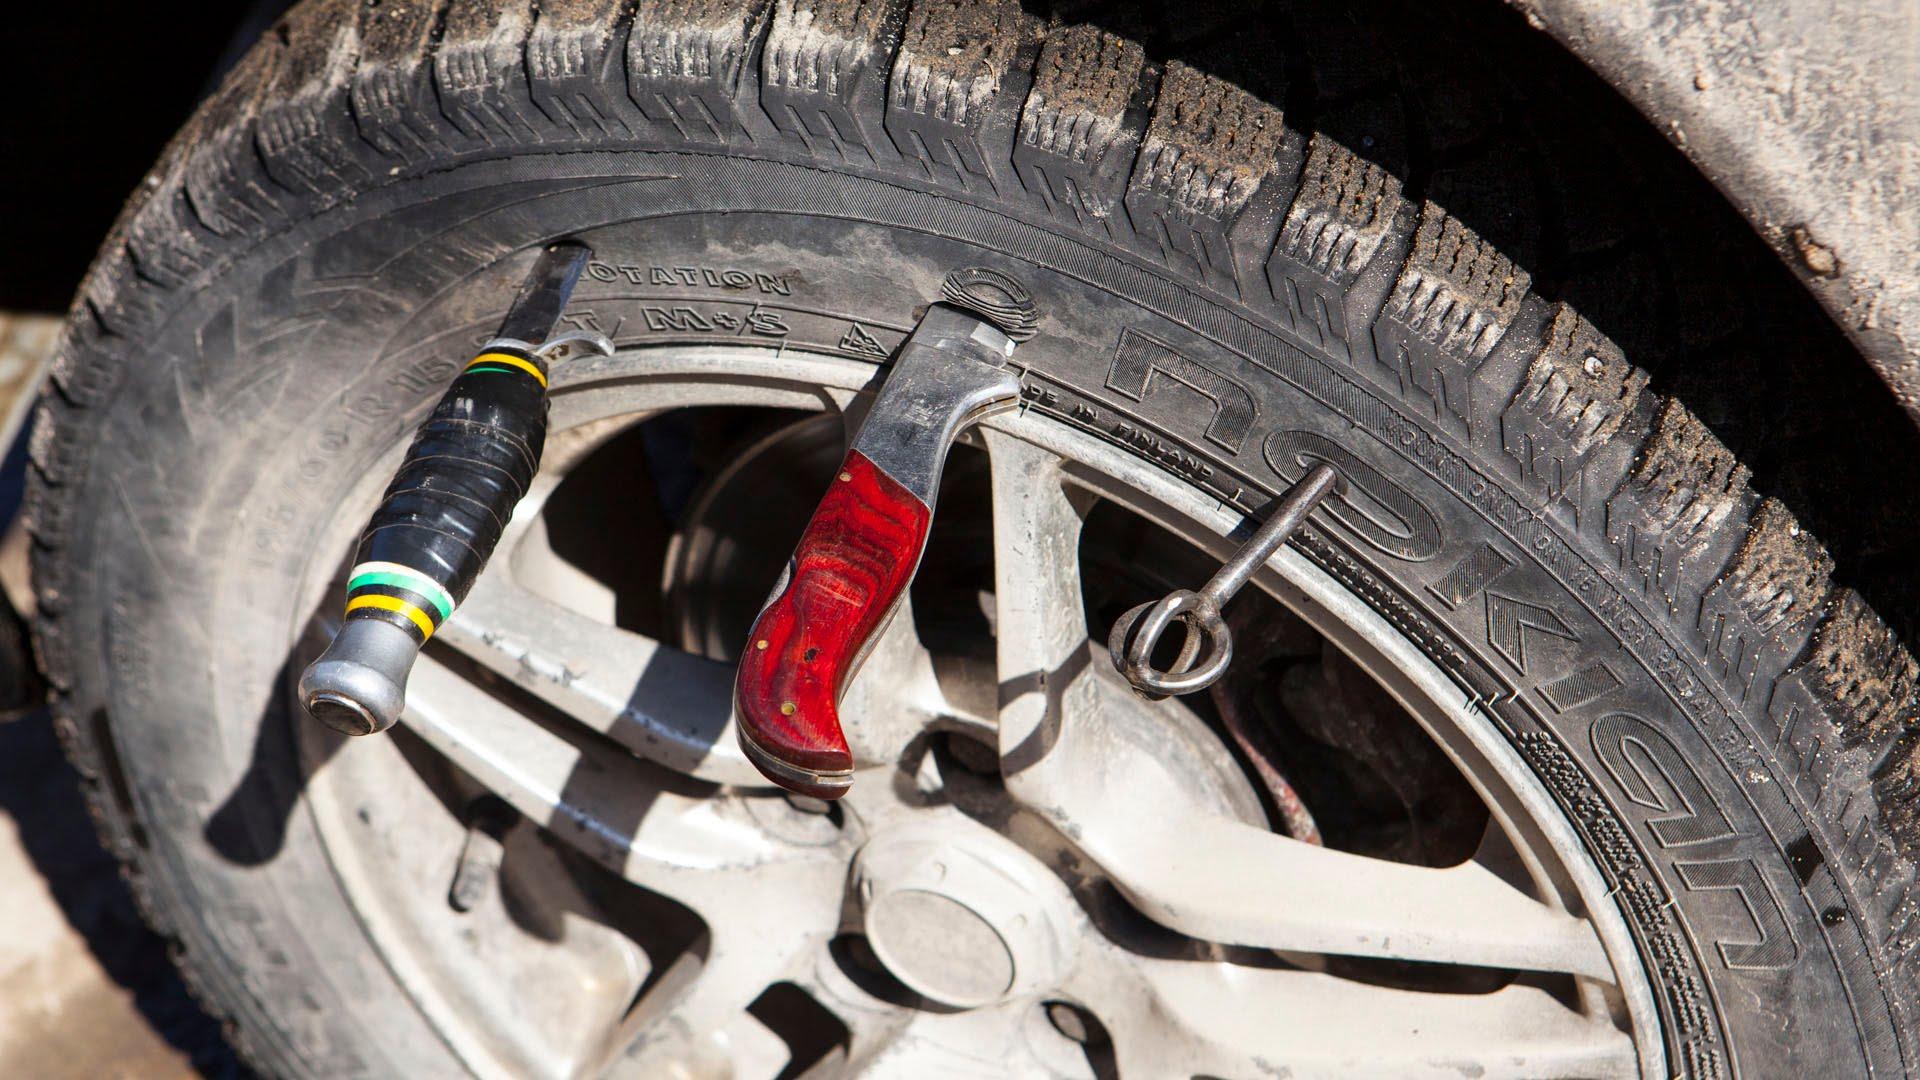 В Рязанской области подросток проколол шины большегрузу, заведено уголовное дело